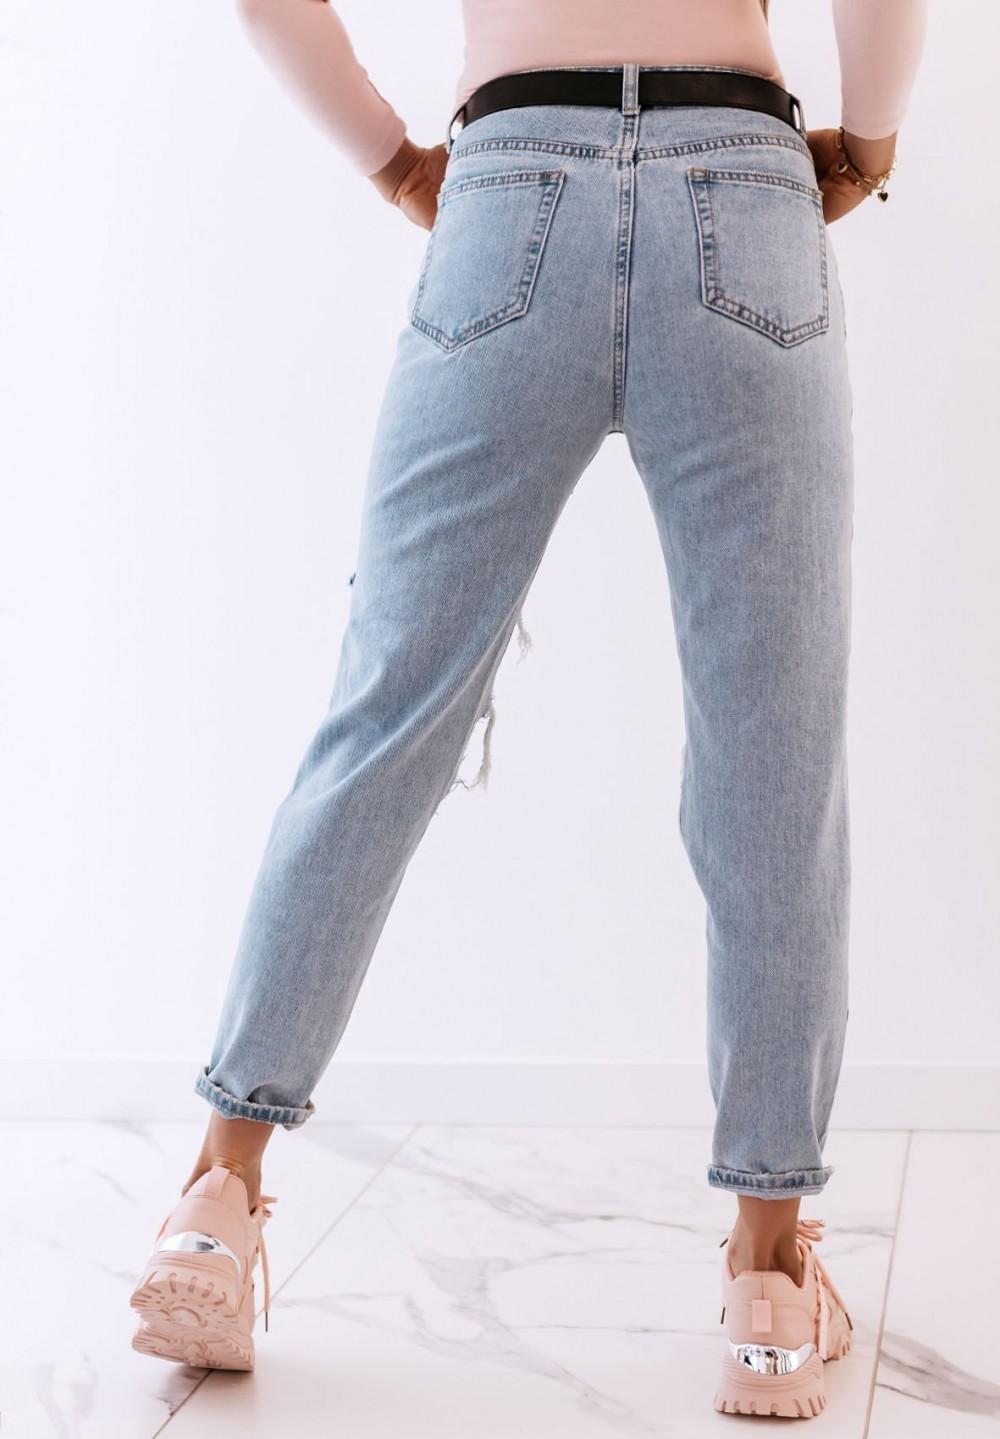 Spodnie Jeansy Mom Fit  Bom